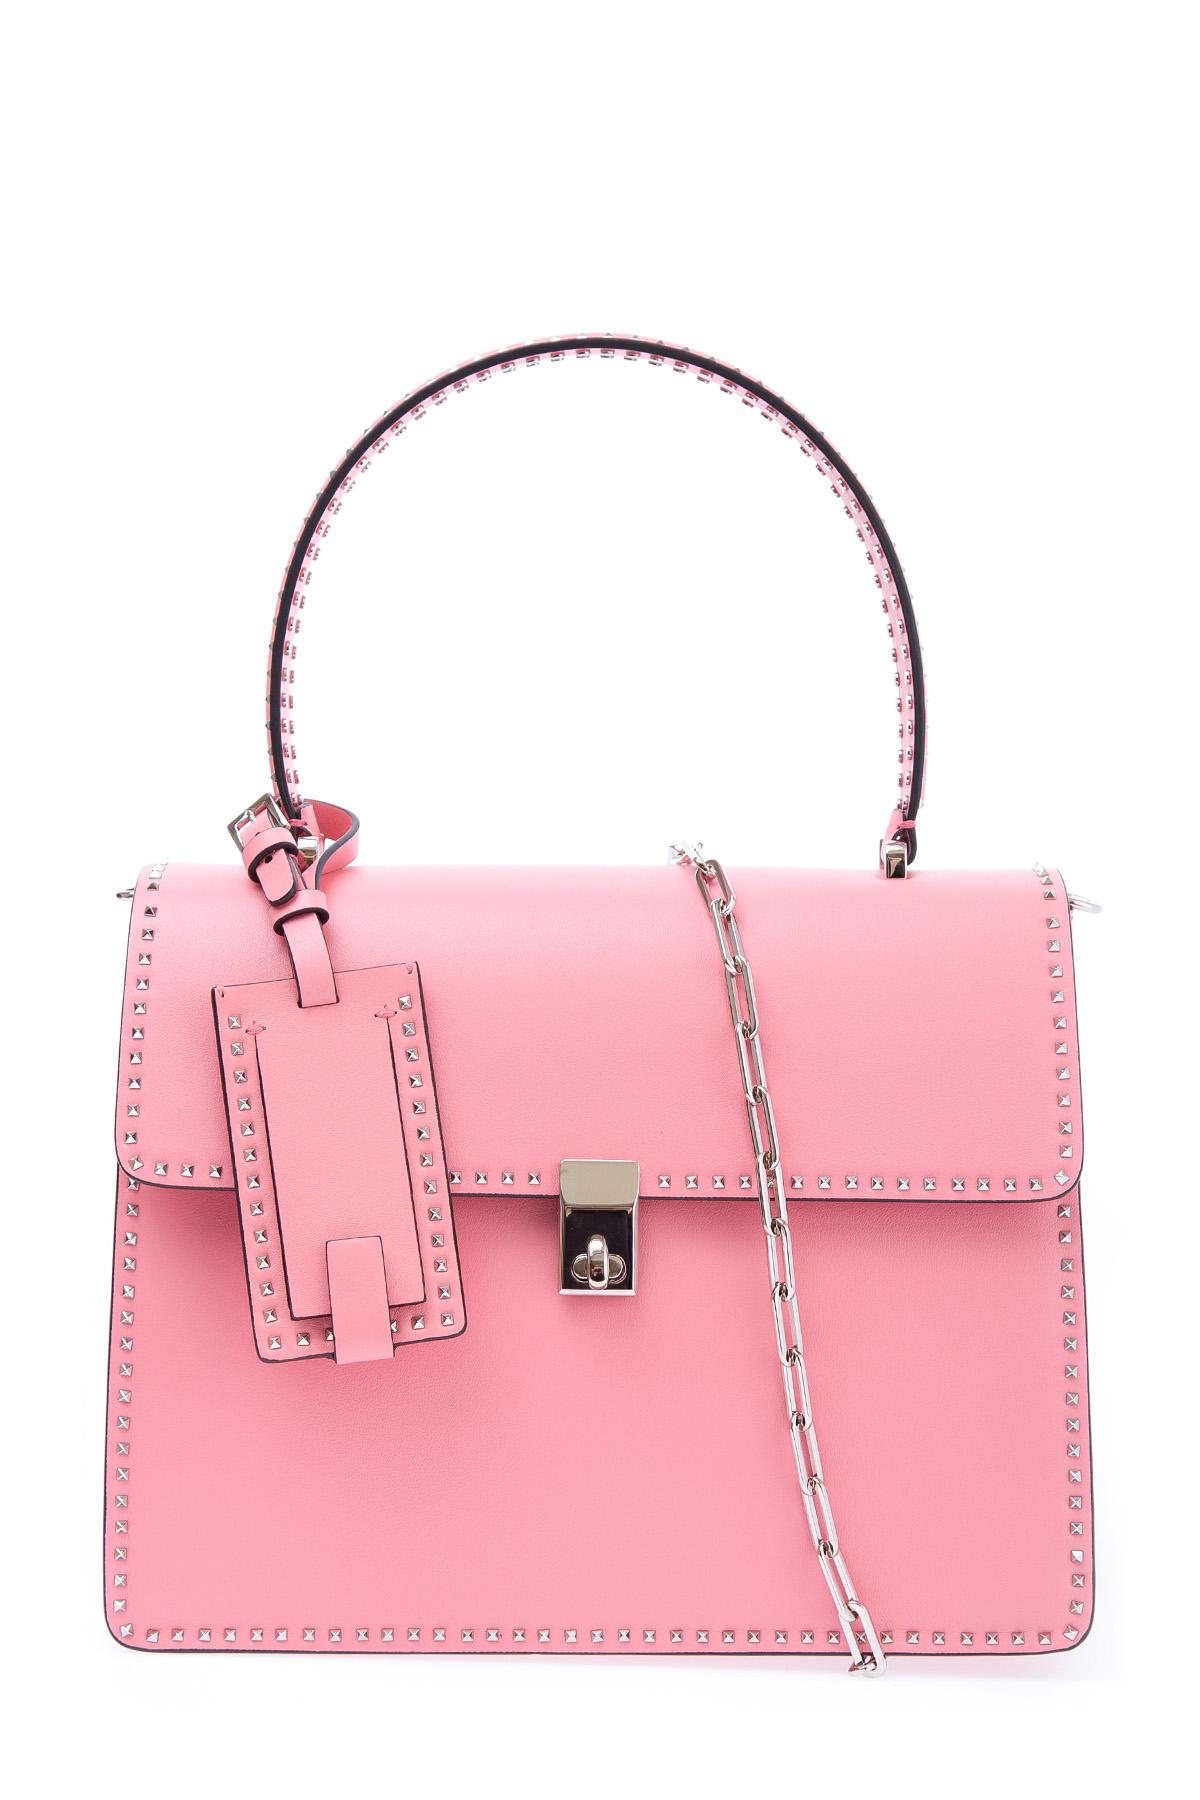 Купить Яркая структурированная сумка Stud Stiching, VALENTINO, Италия, кожа 100%